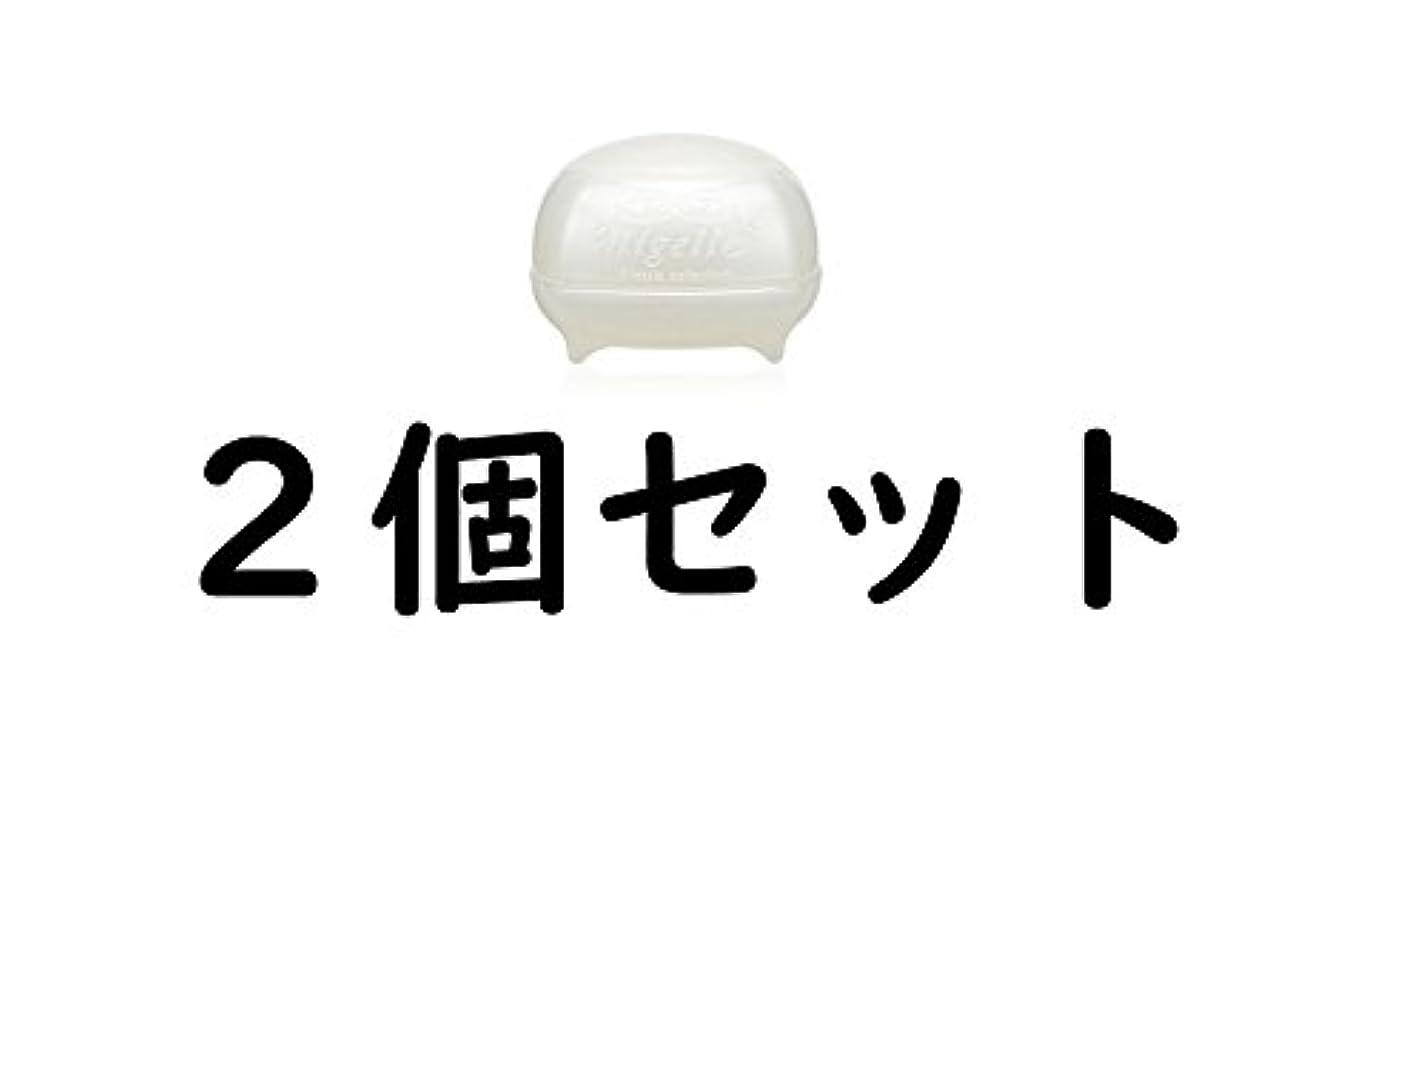 可能にする落とし穴神経【X2個セット】 ミルボン ニゼル トレイスワックス 80g (ニゼルドレシアコレクション) TRACE WAX MILBON